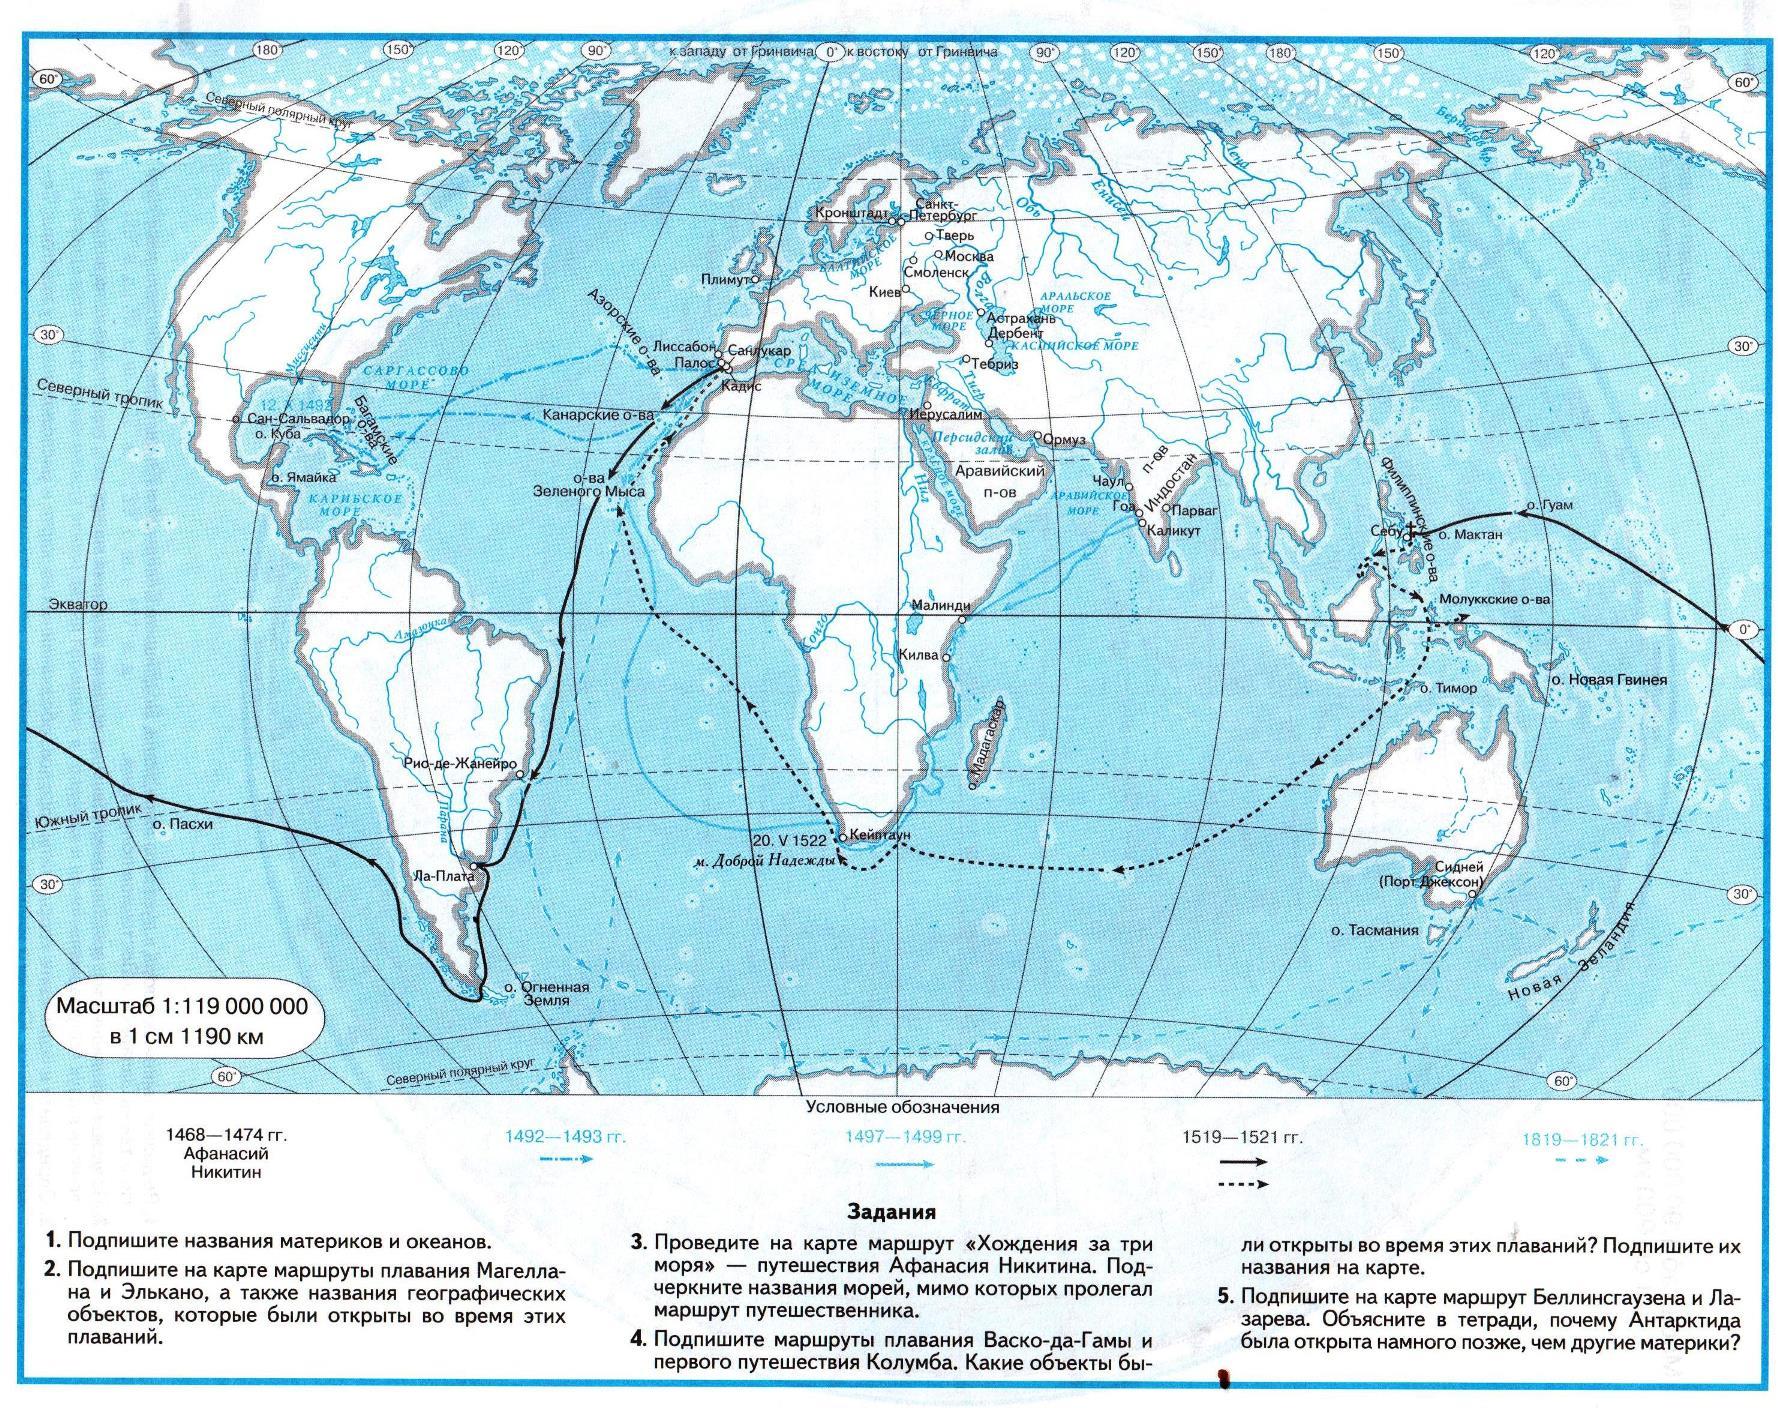 Контурная карта по географии 6 класс галай топографическая карта